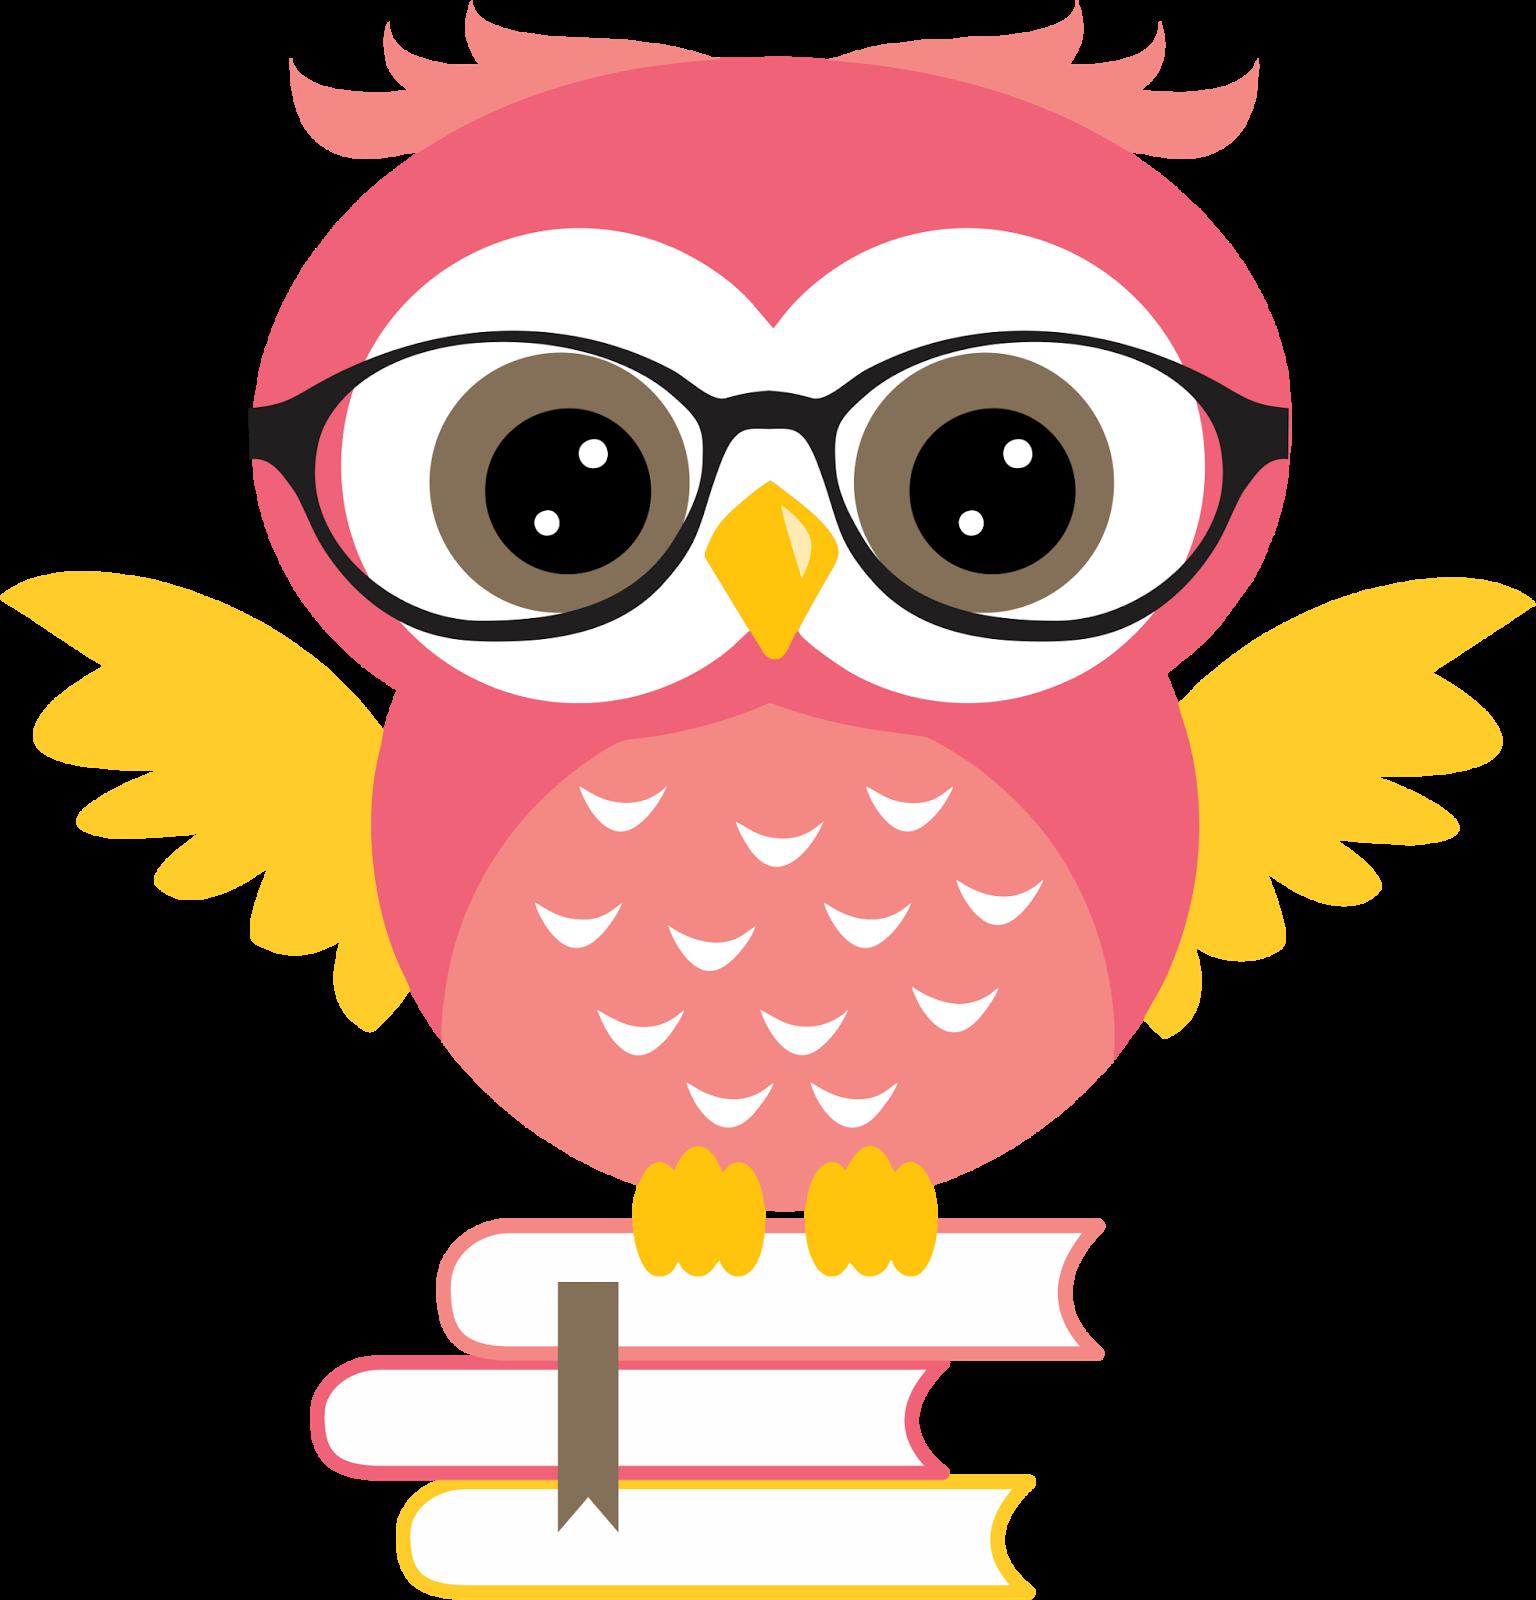 Corujinhas e papeis gr. Clipart homework owl